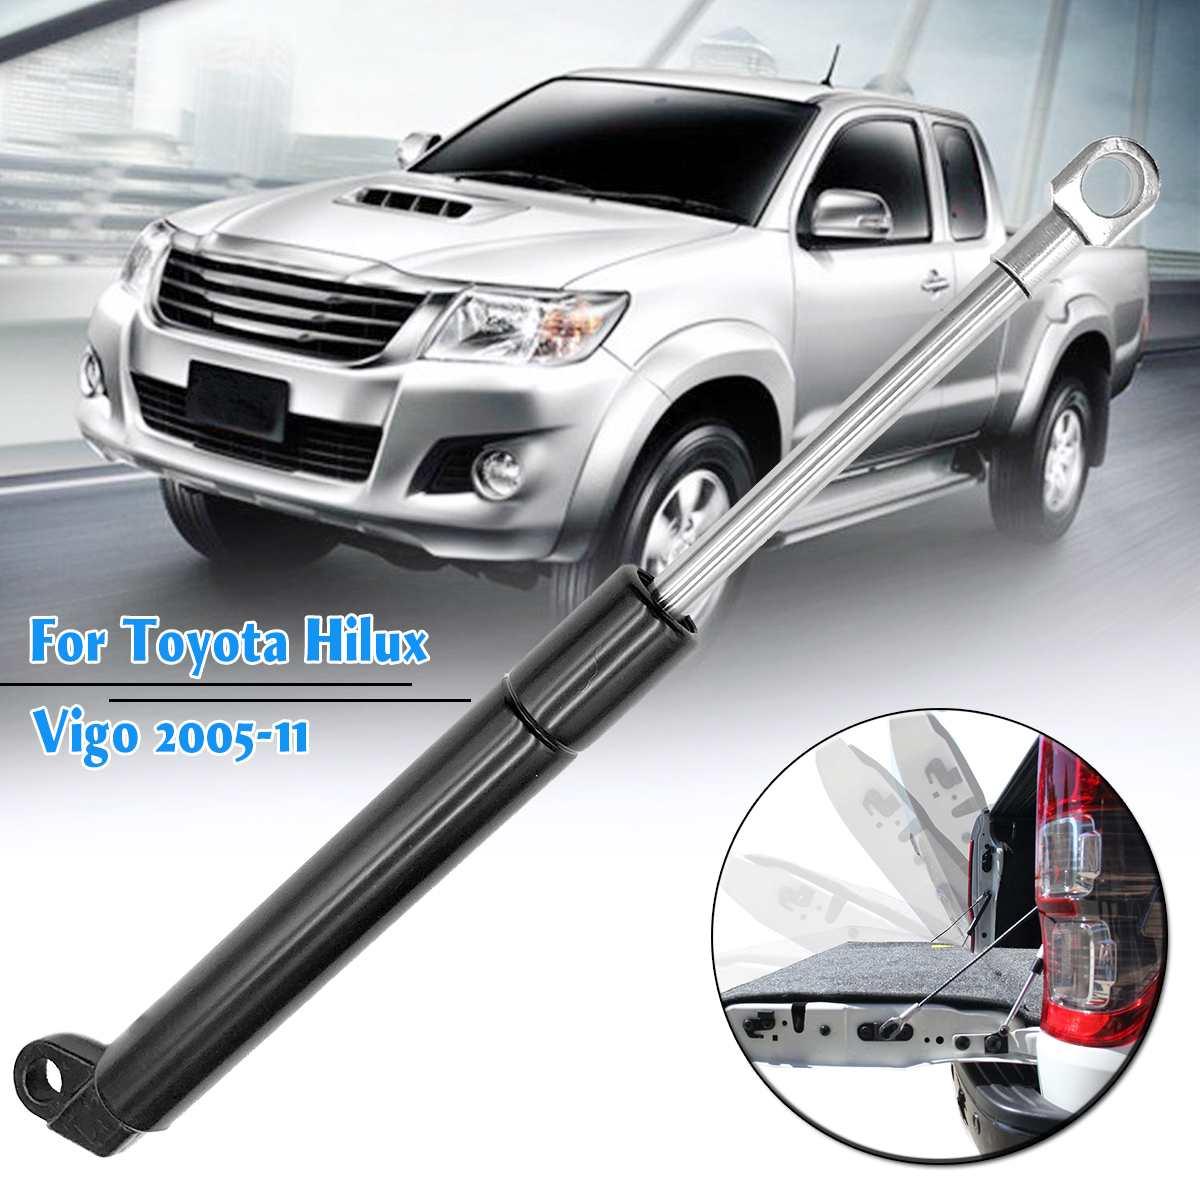 1 pièces hayon ralentissent le coffre arrière porte de queue amortisseur amortisseur à gaz pour Toyota Hilux Vigo 2005 2006 2007 2008 2009 2010 2011